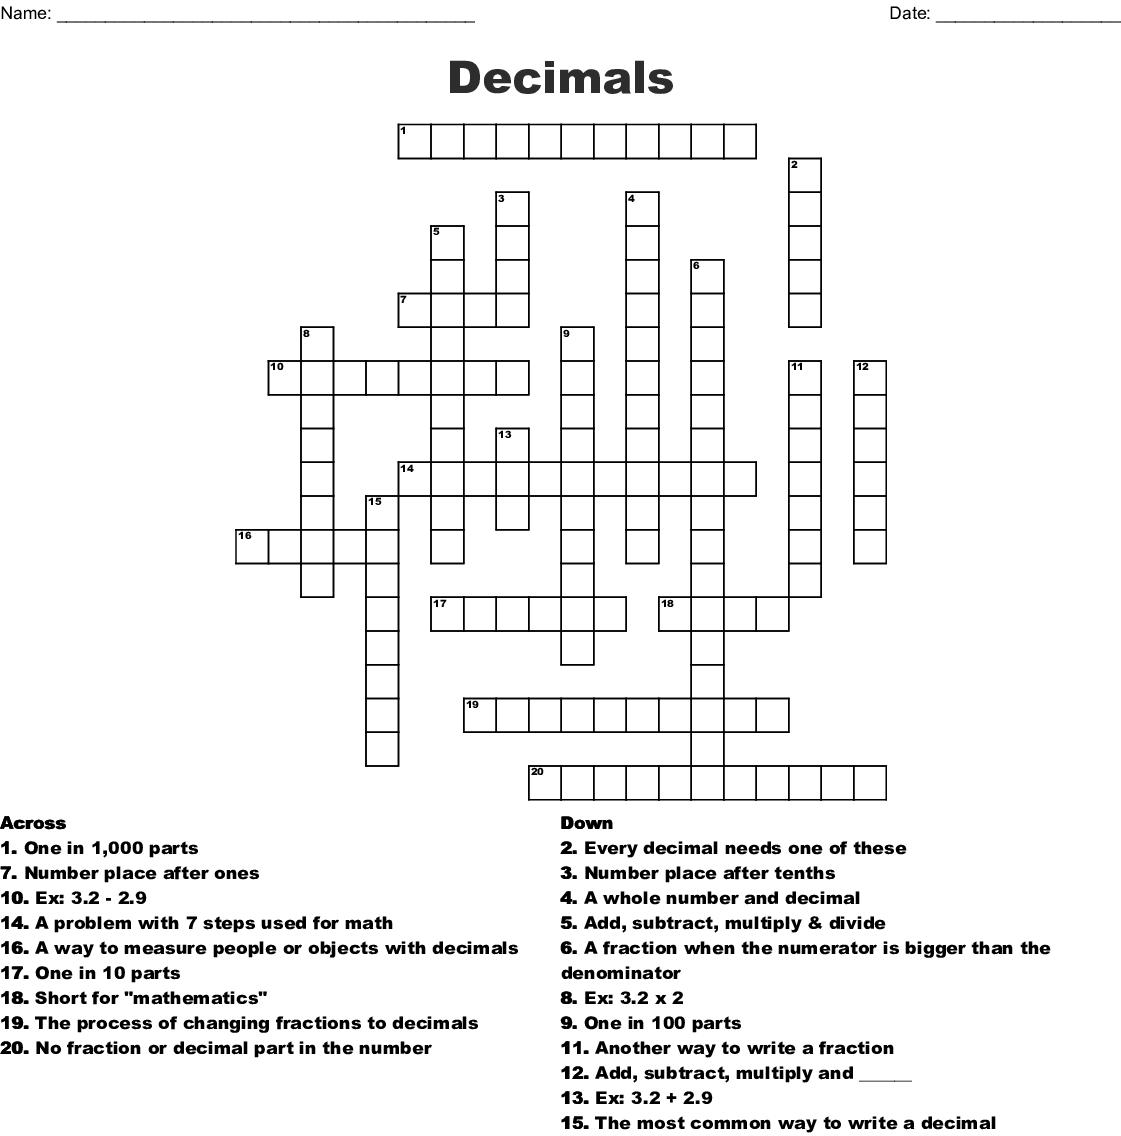 Decimals Crossword Wordmint